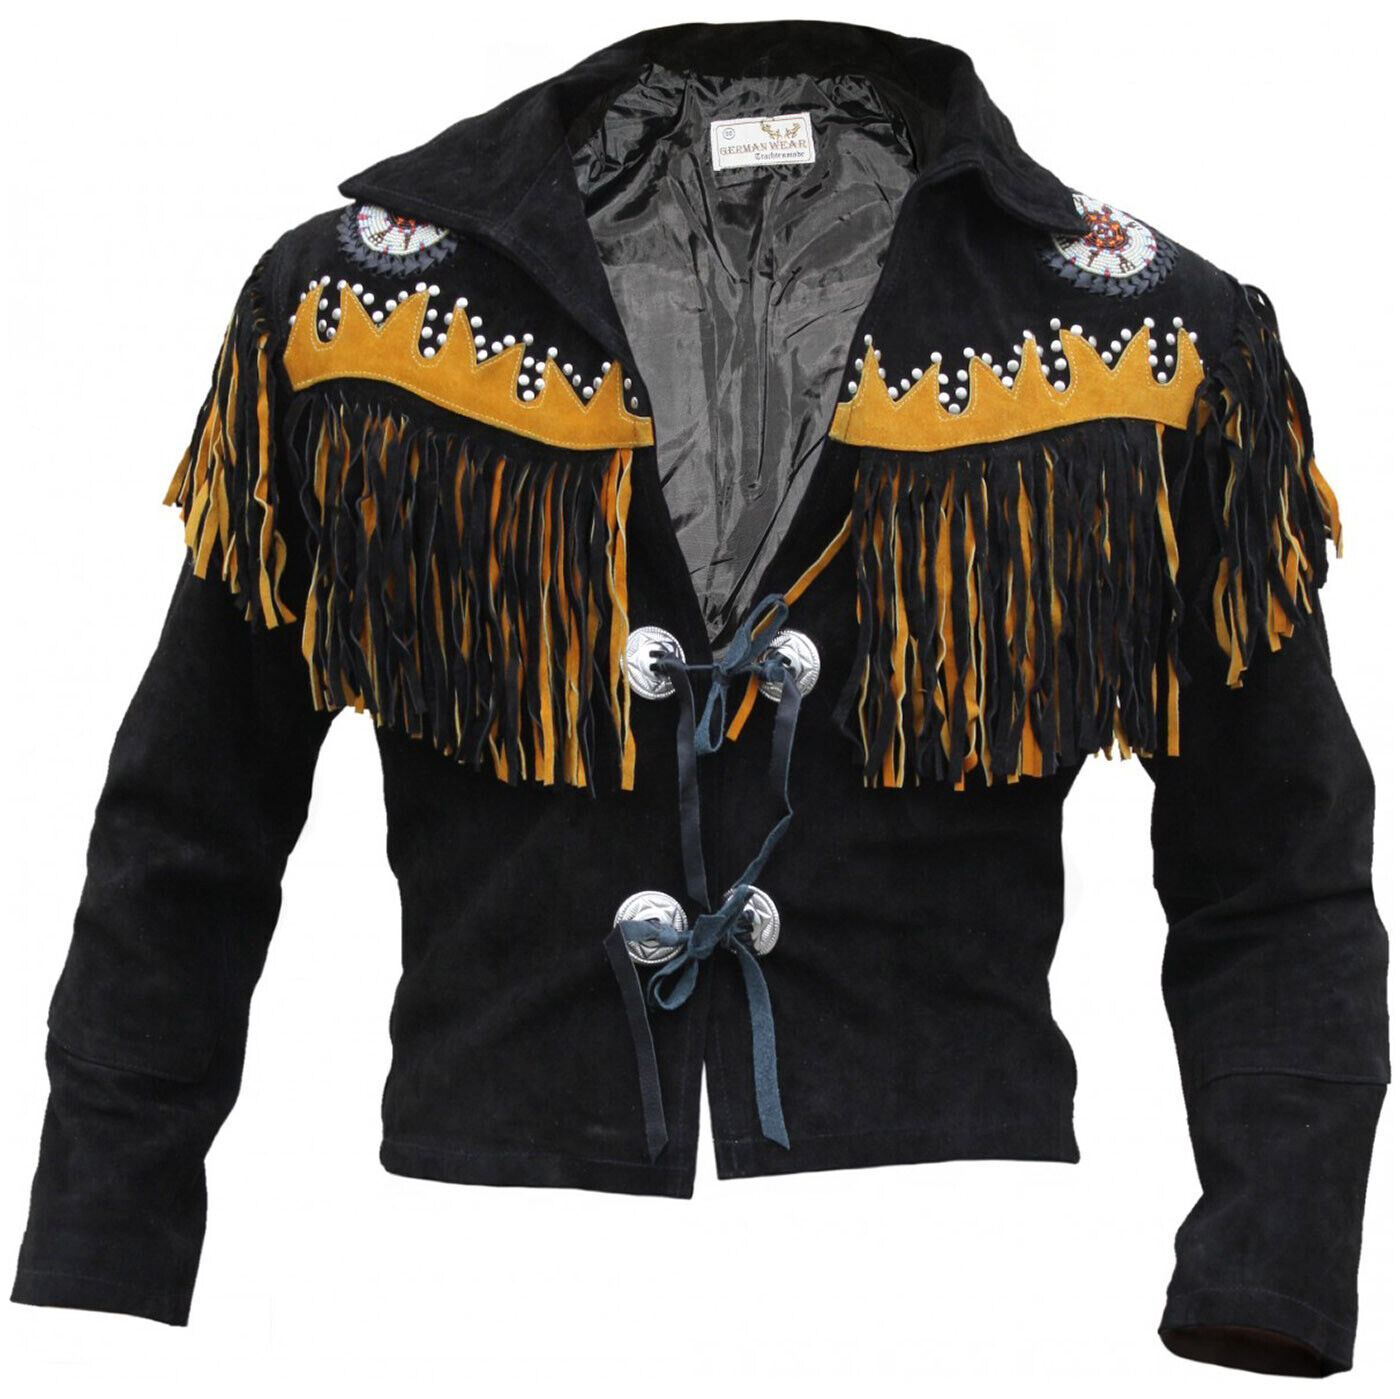 German Wear, Western  chaqueta jinete chaqueta Western-chaqueta de cuero indios Tracht negro  Esperando por ti